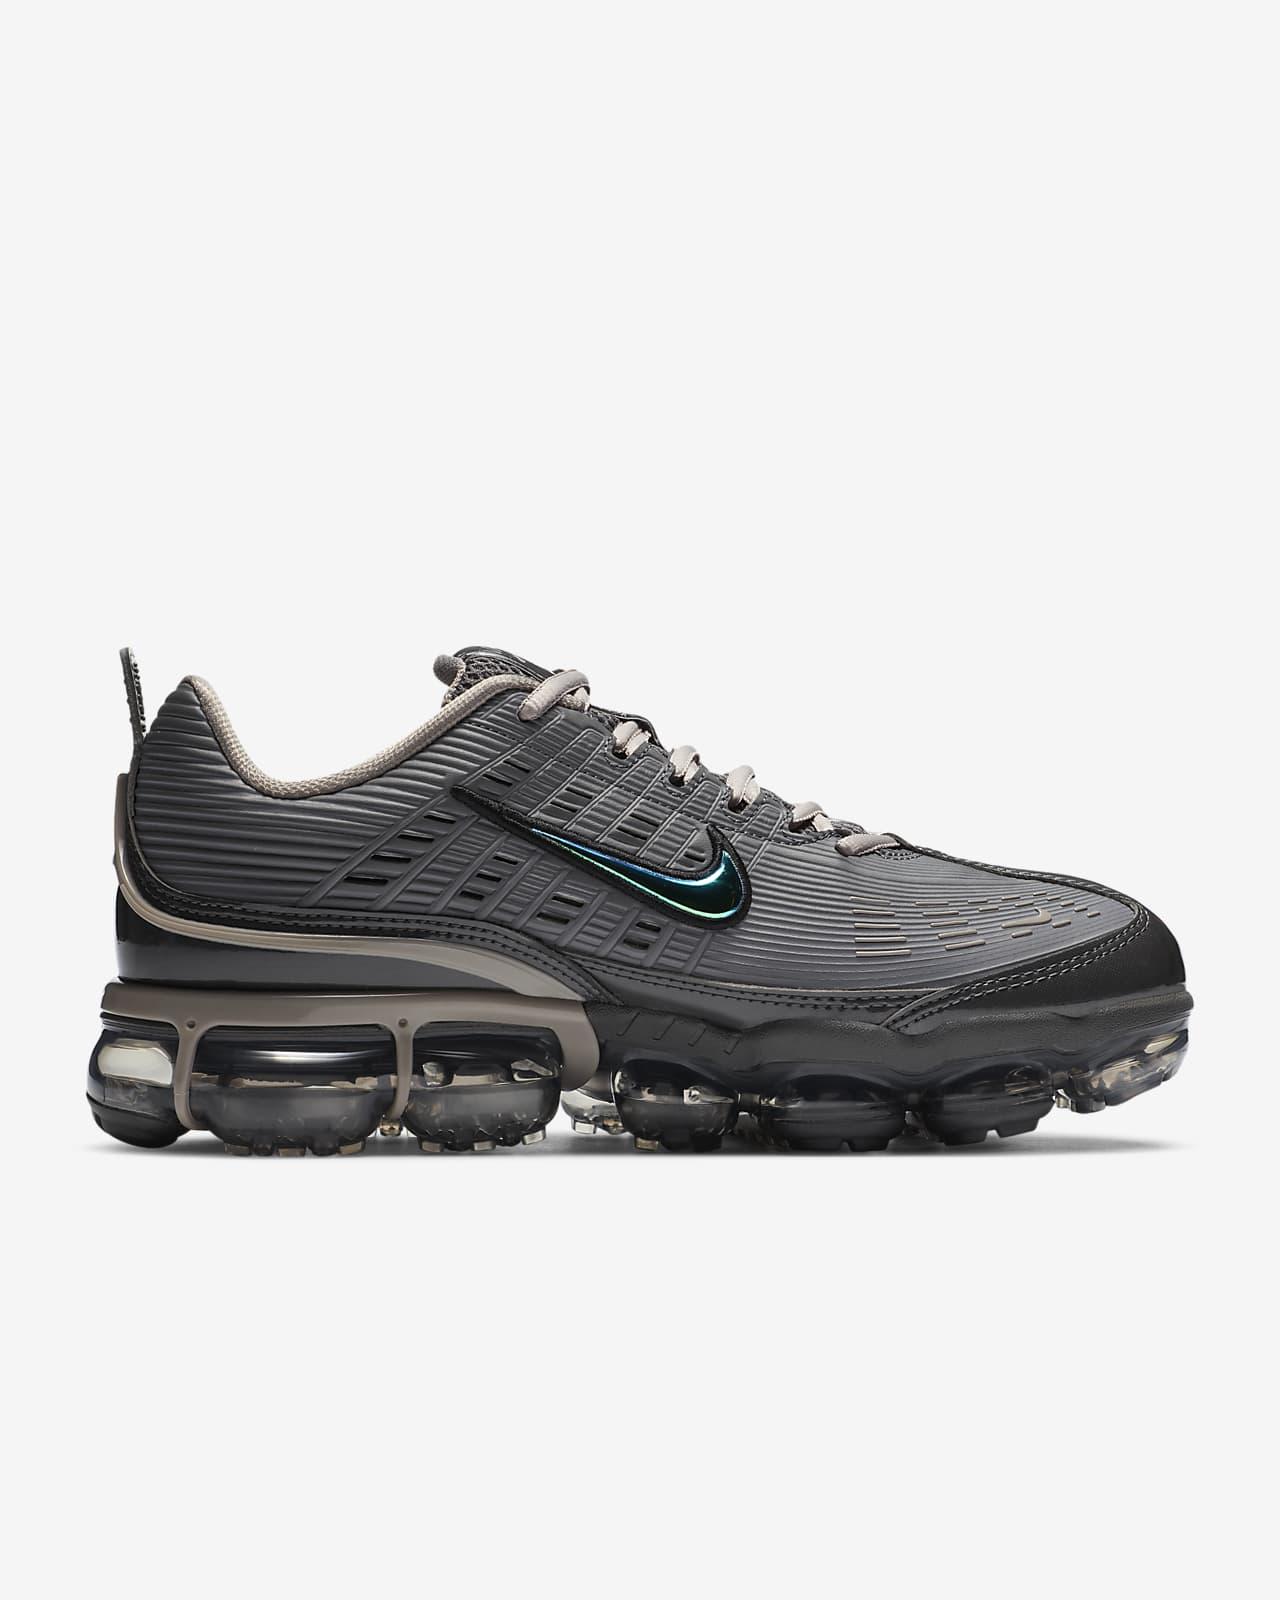 zapatillas hombre vapormax nike imitacion